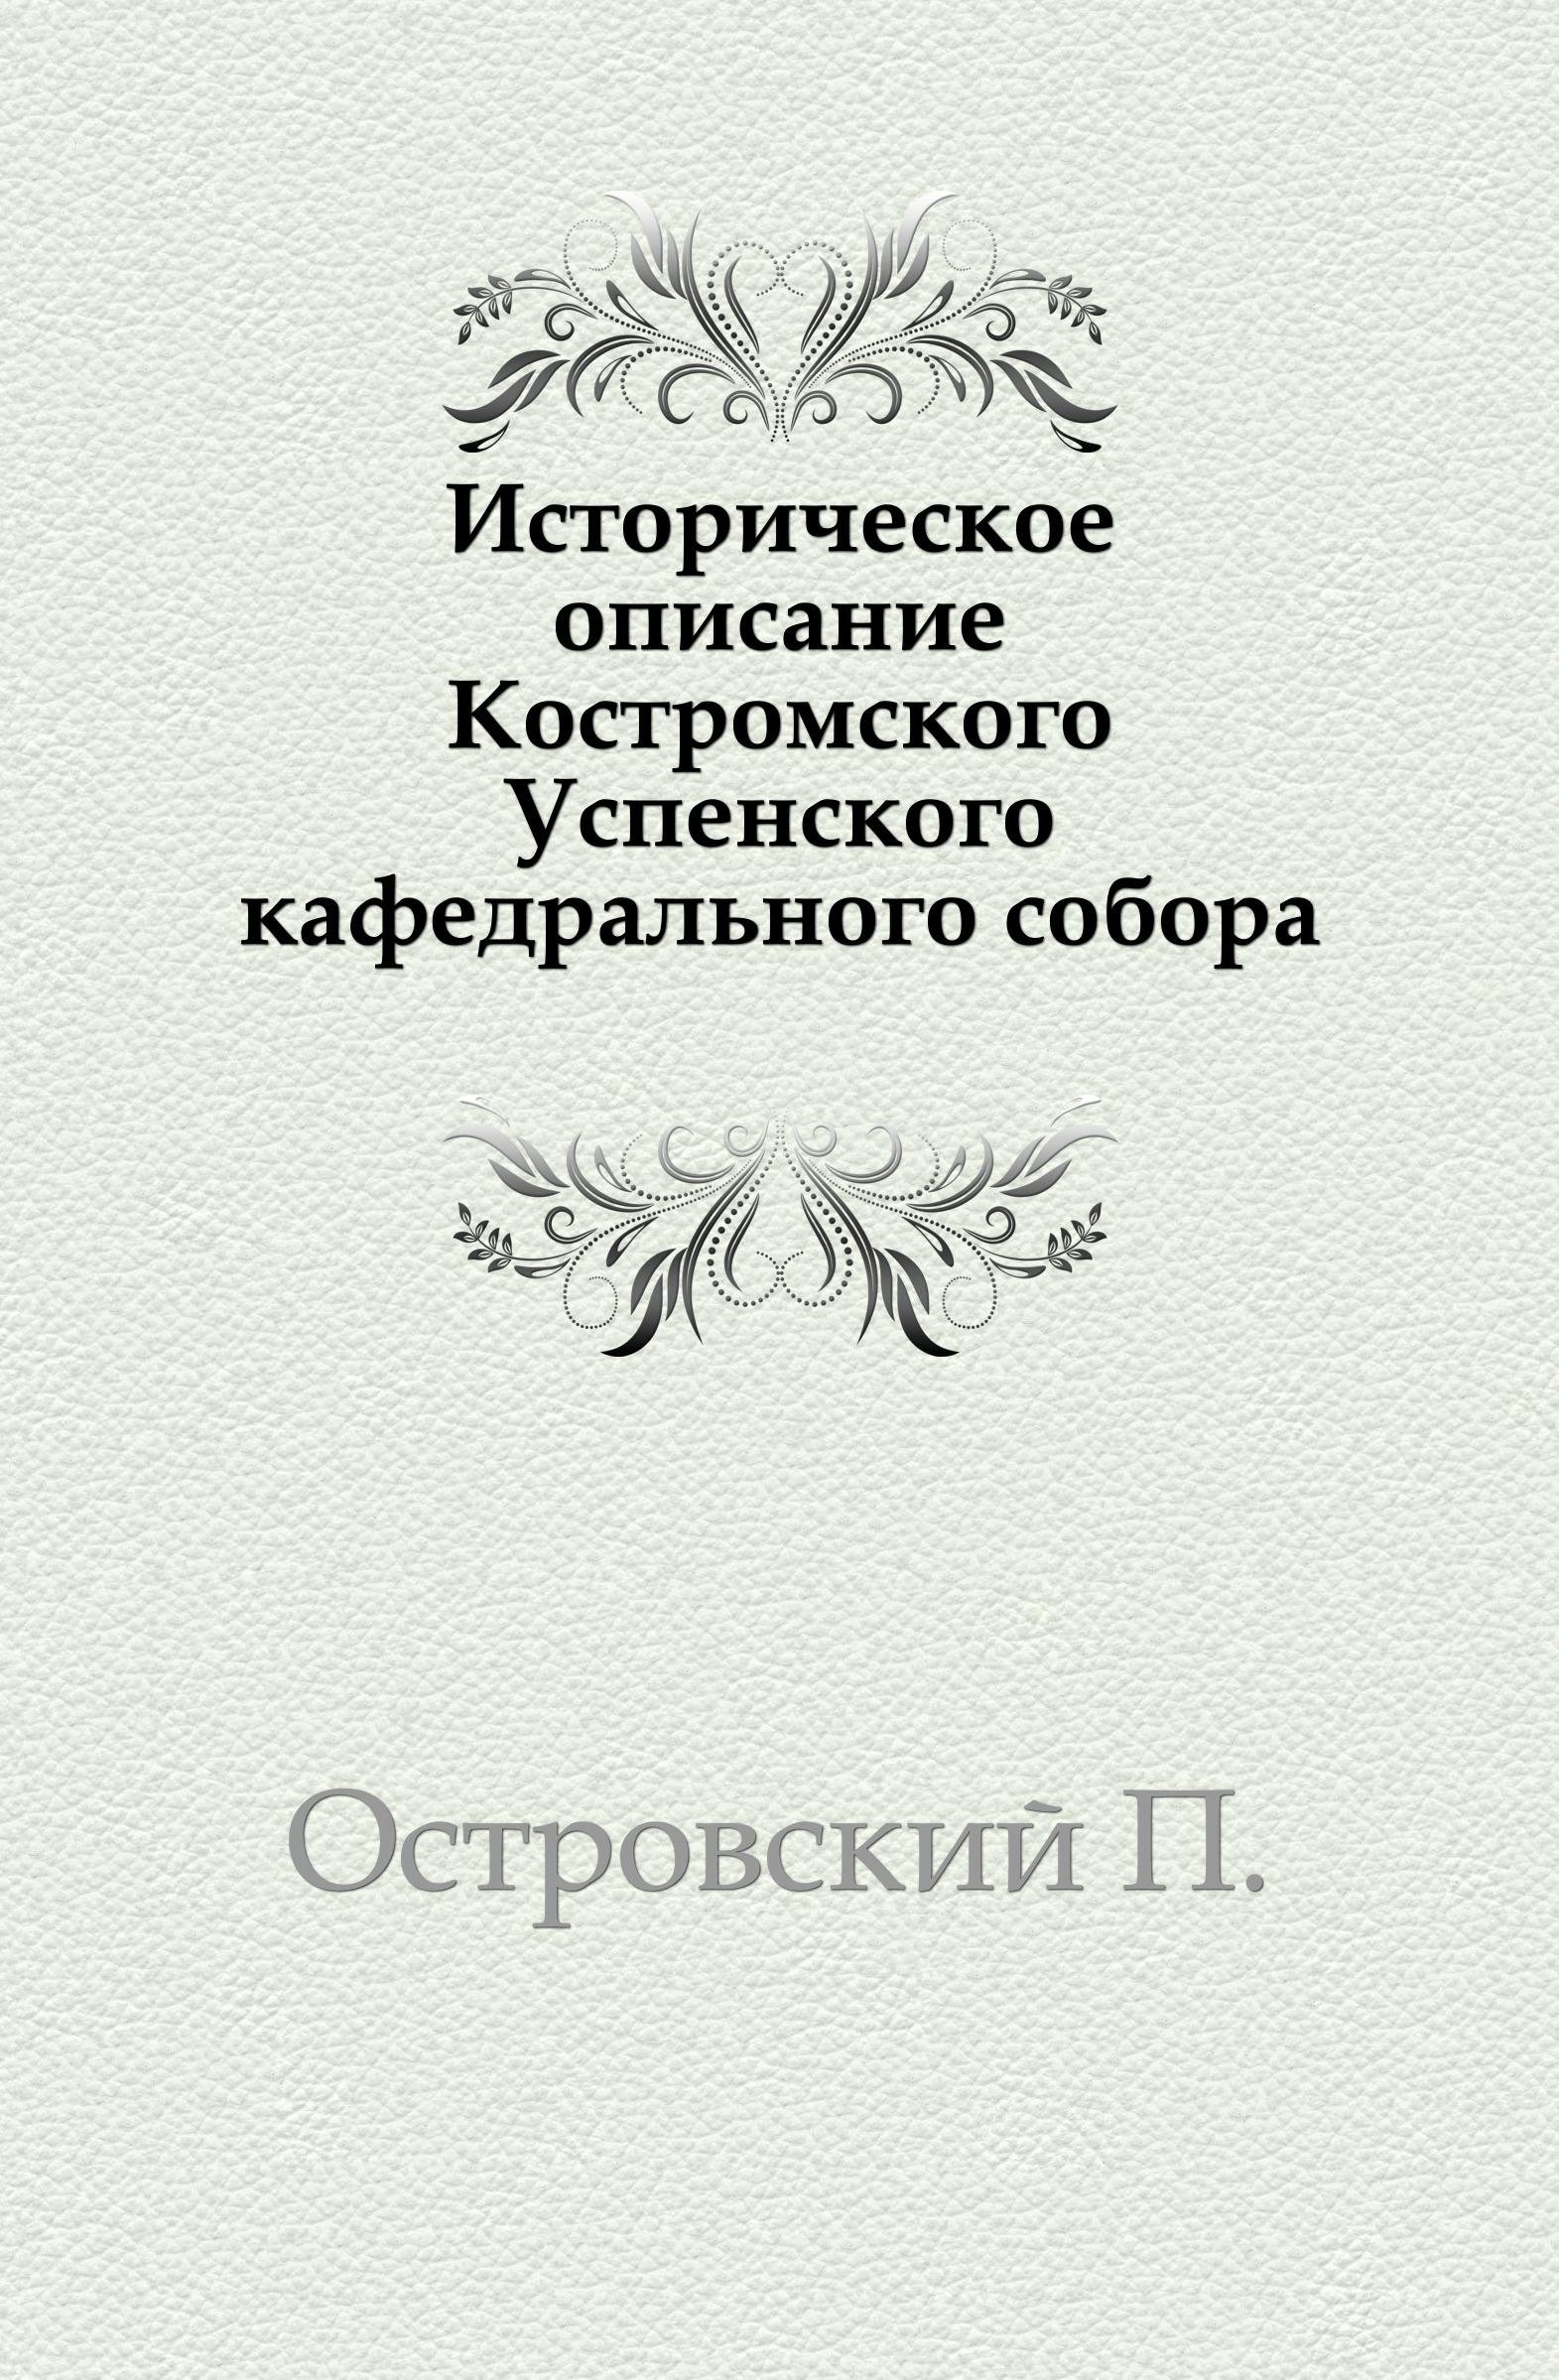 цены на П. Островский Историческое описание Костромского Успенского кафедрального собора  в интернет-магазинах